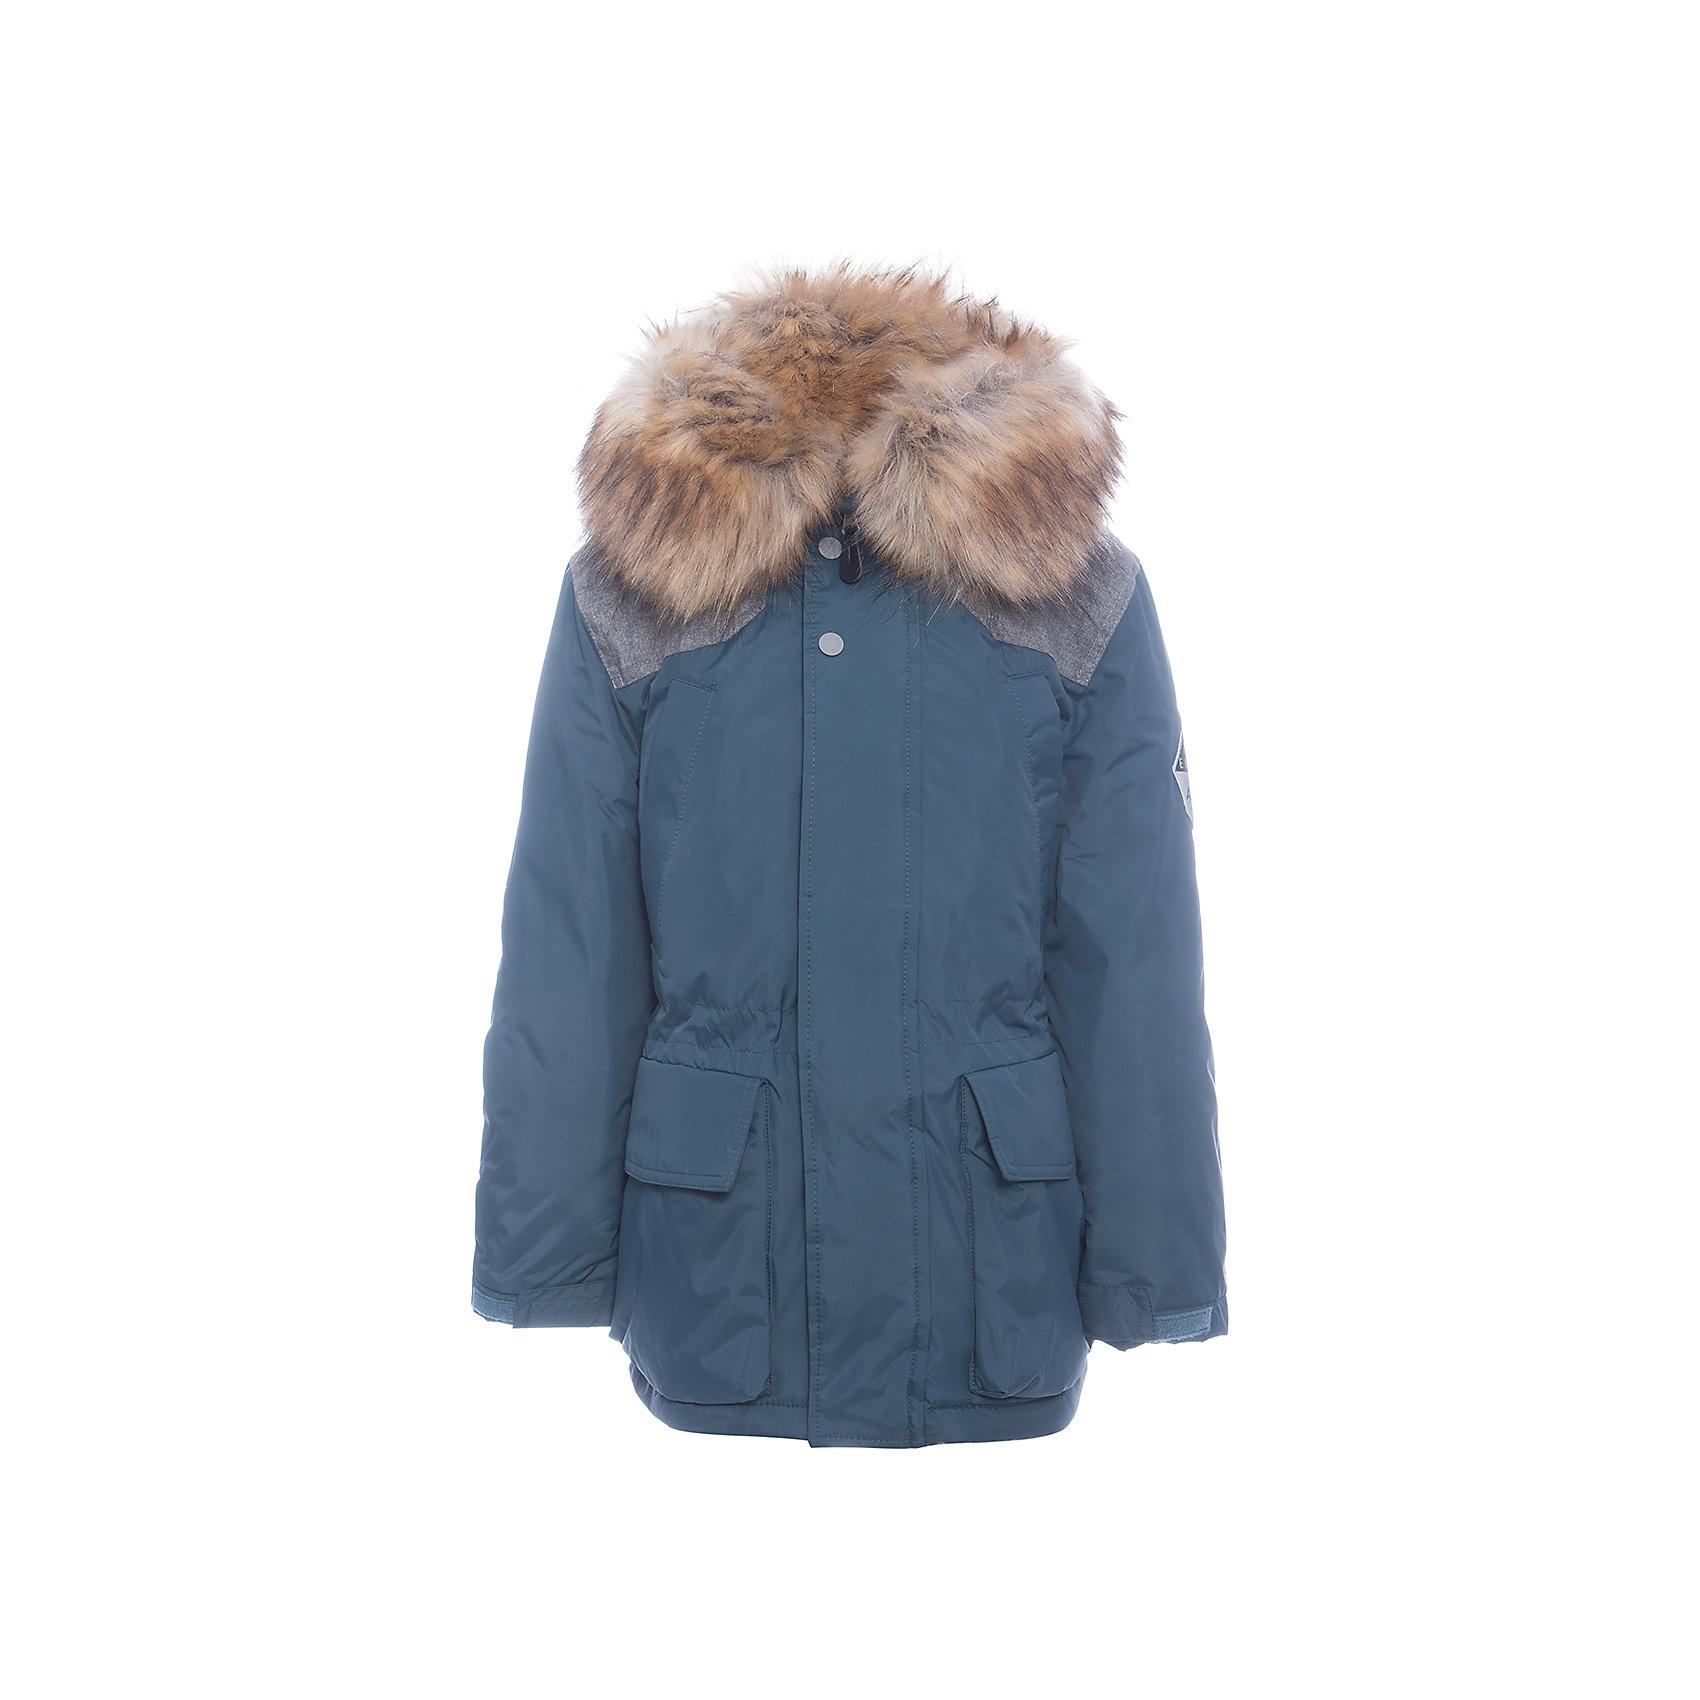 Куртка BOOM by Orby для мальчикаВерхняя одежда<br>Характеристики товара:<br><br>• цвет: синий<br>• состав ткани: таффета<br>• подкладка: полиэстер стеганый<br>• утеплитель: Flexy Fiber, эко-синтепон<br>• сезон: зима<br>• мембранное покрытие<br>• температурный режим: от 0 до -30С<br>• водонепроницаемость: 3000 мм <br>• паропроницаемость: 3000 г/м2<br>• плотность утеплителя: 200 г/м2<br>• капюшон: с мехом<br>• застежка: молния<br>• куртка-пристежка в комплекте<br>• страна бренда: Россия<br>• страна изготовитель: Россия<br><br>Зимняя куртка для ребенка поможет обеспечить необходимый уровень утепления. Детская теплая куртка дополнена удобным капюшоном, планкой от ветра и карманами. Эта детская куртка отлично подойдет для зимних холодов и для оттепели - специальная подстежка для этой зимней куртки снимается в более теплую погоду. <br><br>Куртку для мальчика BOOM by Orby (Бум бай Орби) можно купить в нашем интернет-магазине.<br><br>Ширина мм: 356<br>Глубина мм: 10<br>Высота мм: 245<br>Вес г: 519<br>Цвет: зеленый<br>Возраст от месяцев: 168<br>Возраст до месяцев: 180<br>Пол: Мужской<br>Возраст: Детский<br>Размер: 170,98,116,122,128,134,140,146,152,158,164<br>SKU: 7090855